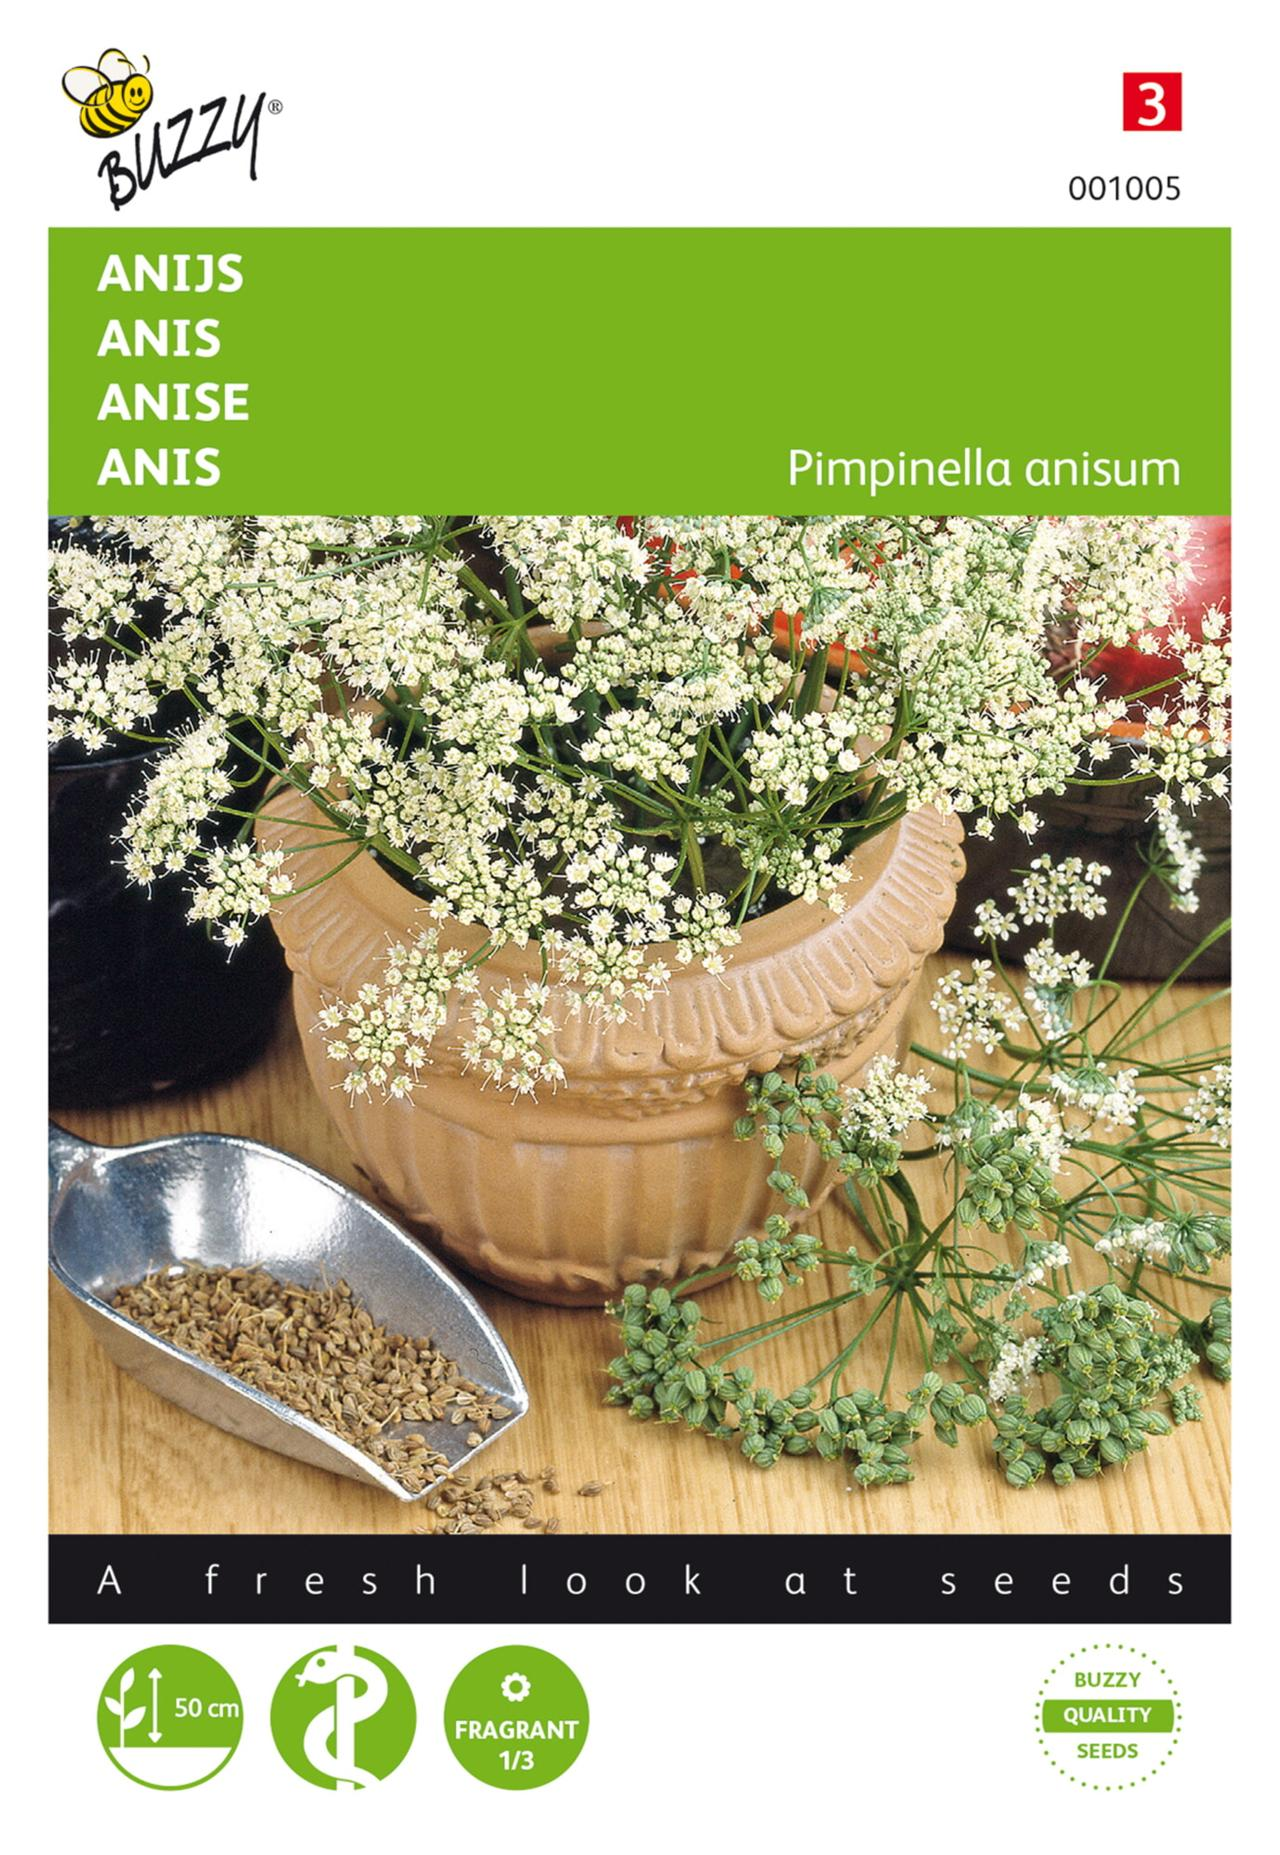 Pimpinella anisum plant